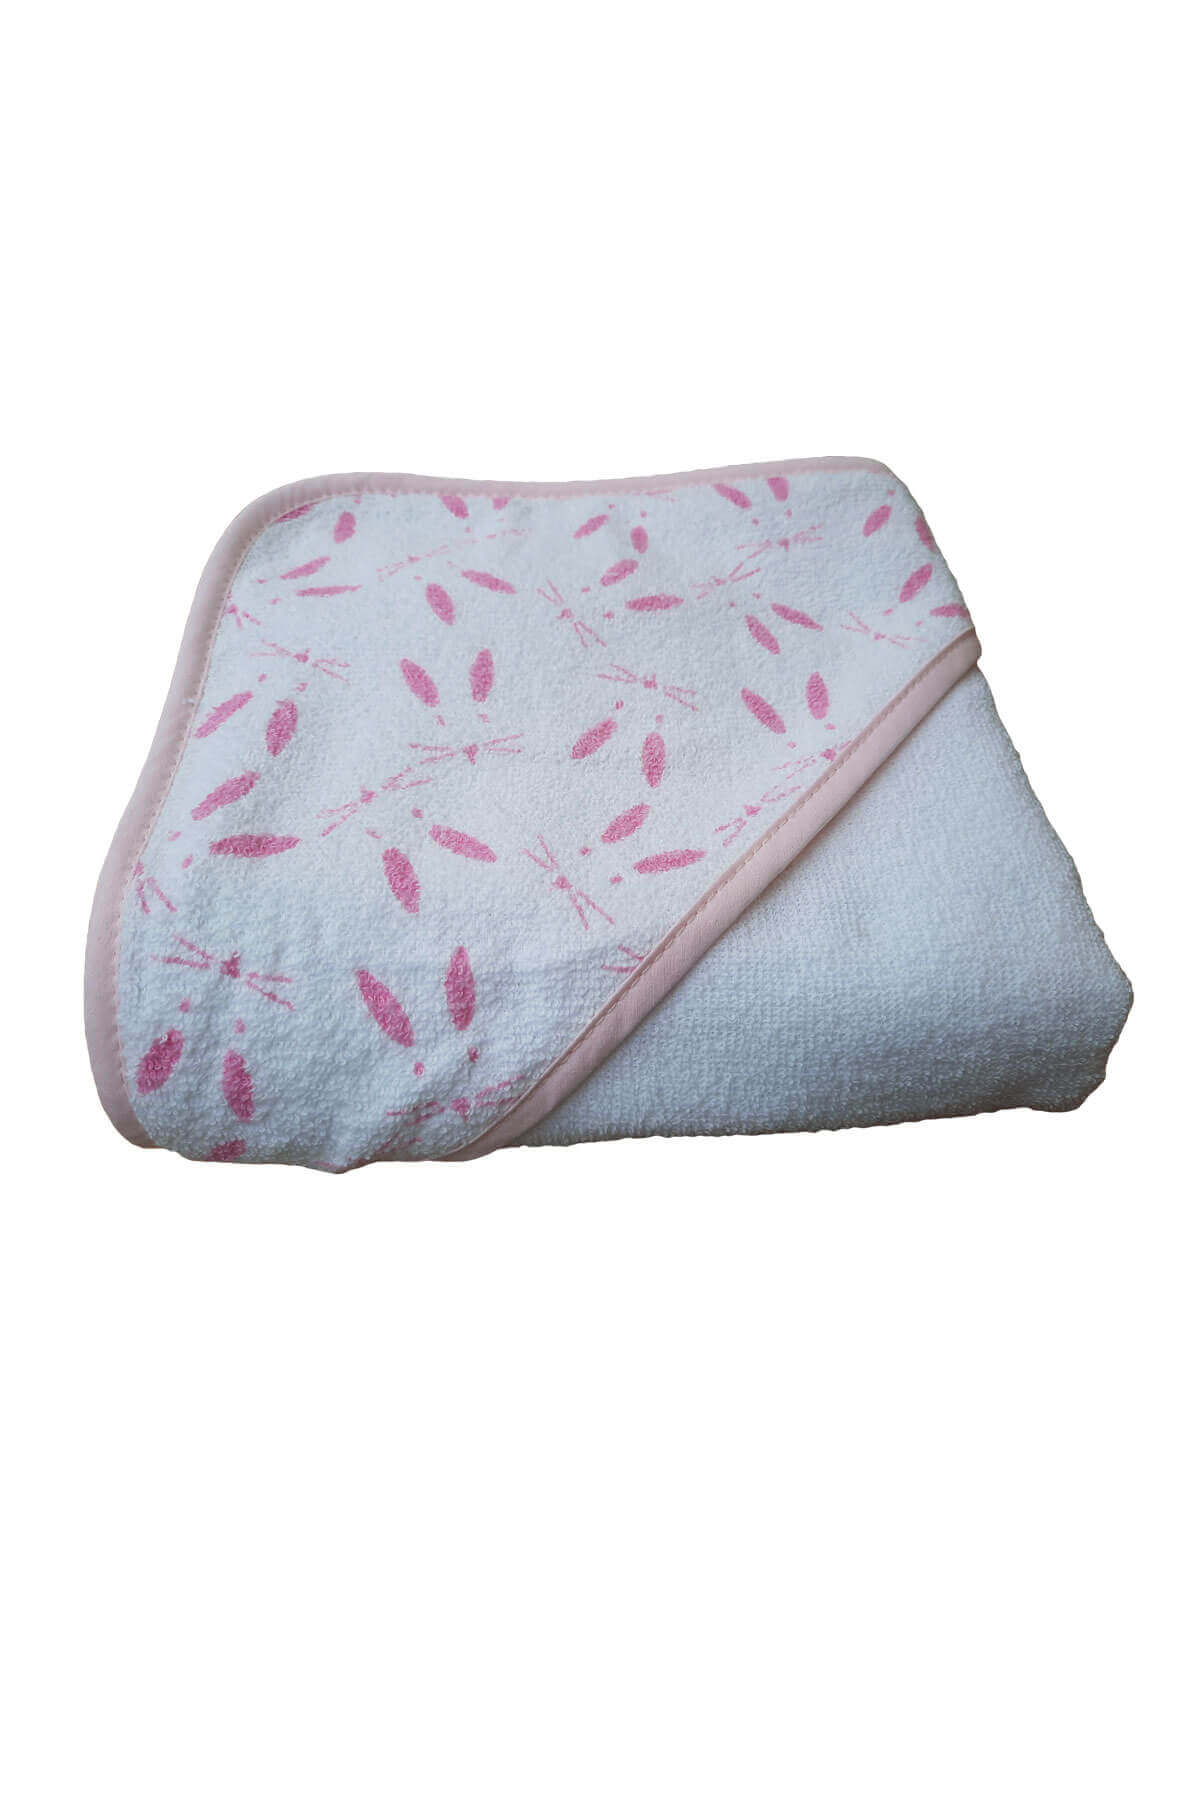 Bebek Kundak Banyo Havlusu Tavşan Desenli Bebek Havlusu 75x75